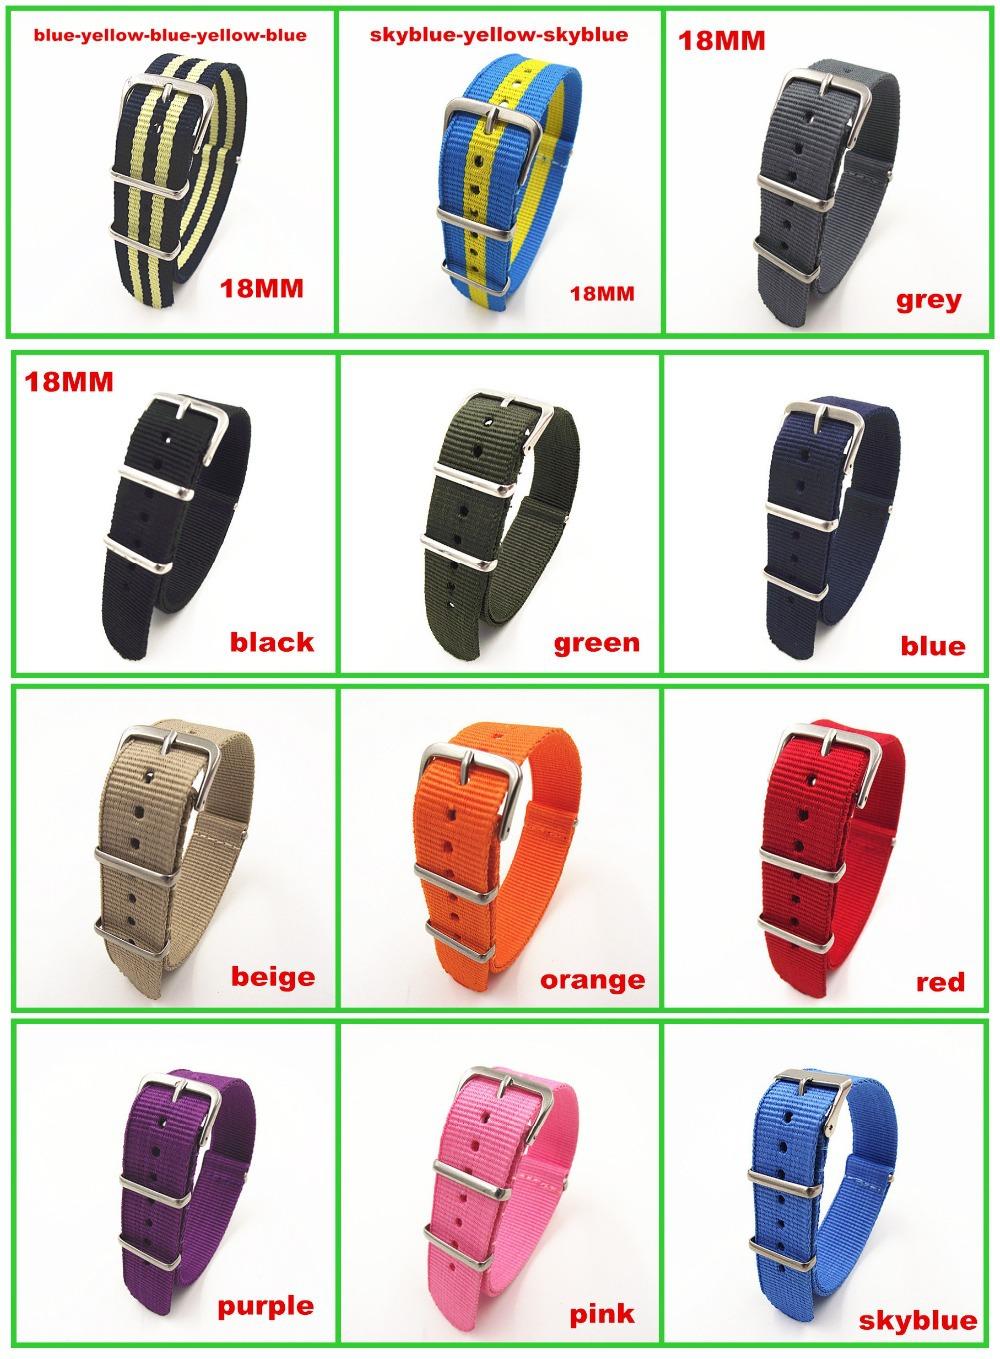 Prix pour Hot vente! Gros 10 unidades/lotes haute qualité 18 MM Nylon bande de montre otan sangles étanche bracelet - 20 couleurs disponibles